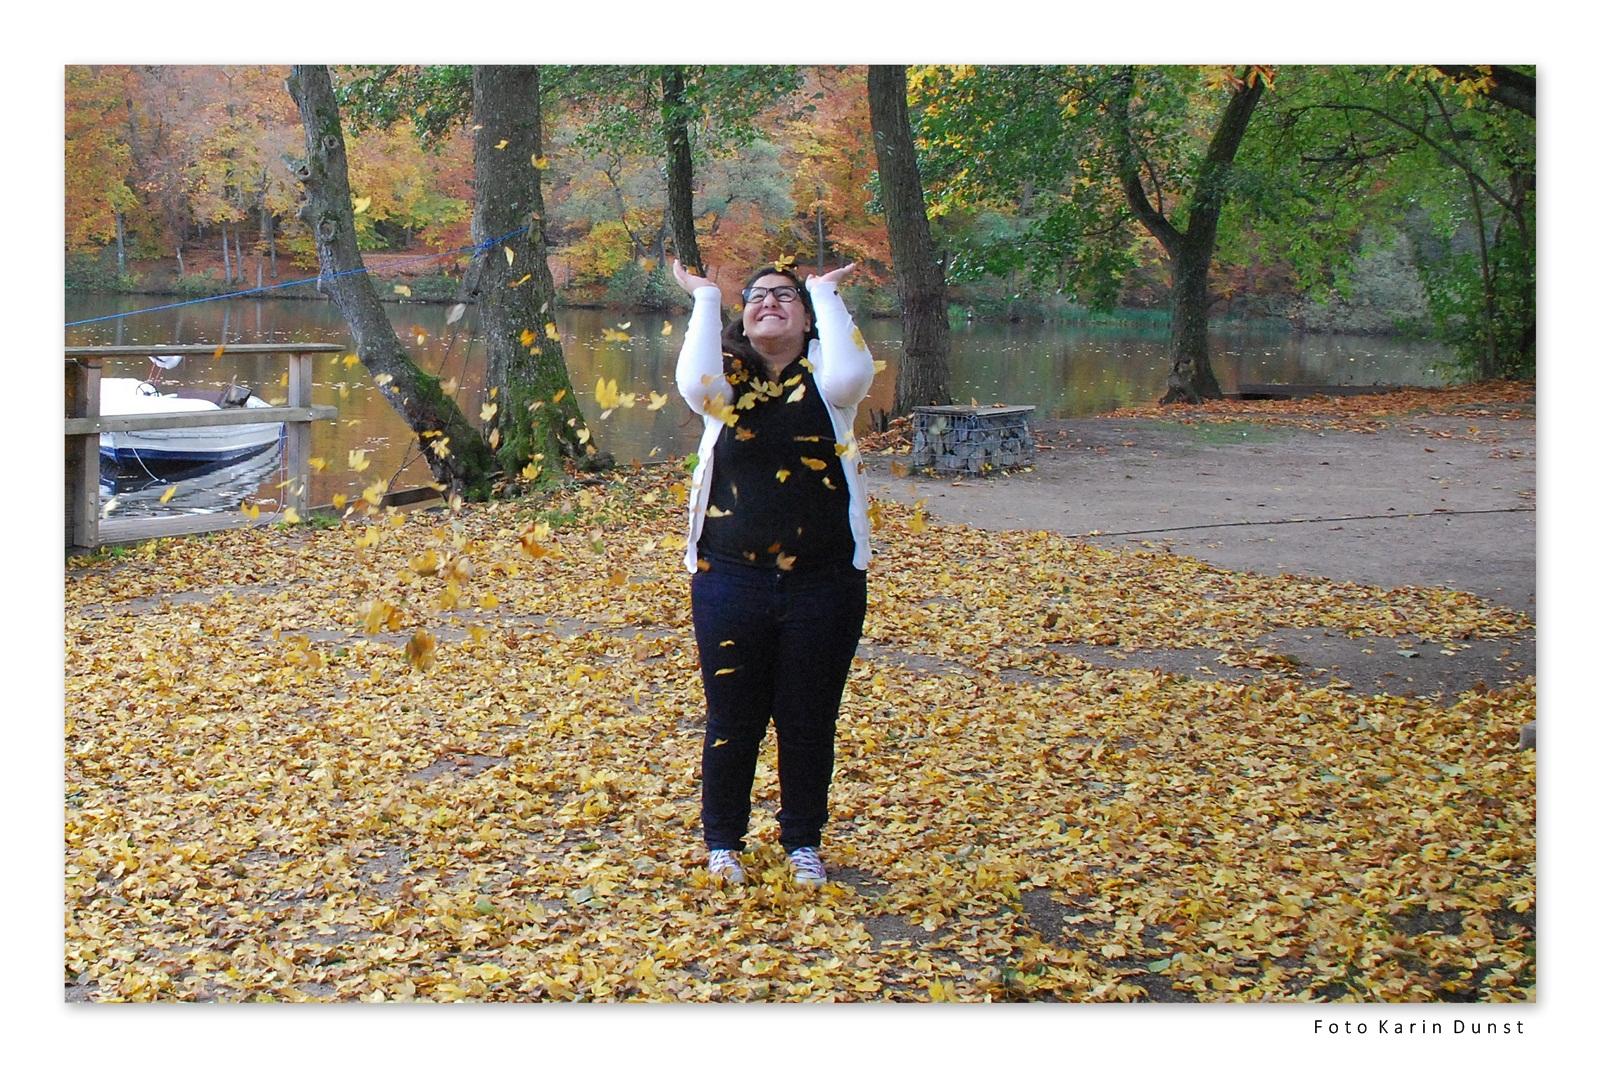 Spass im Herbst